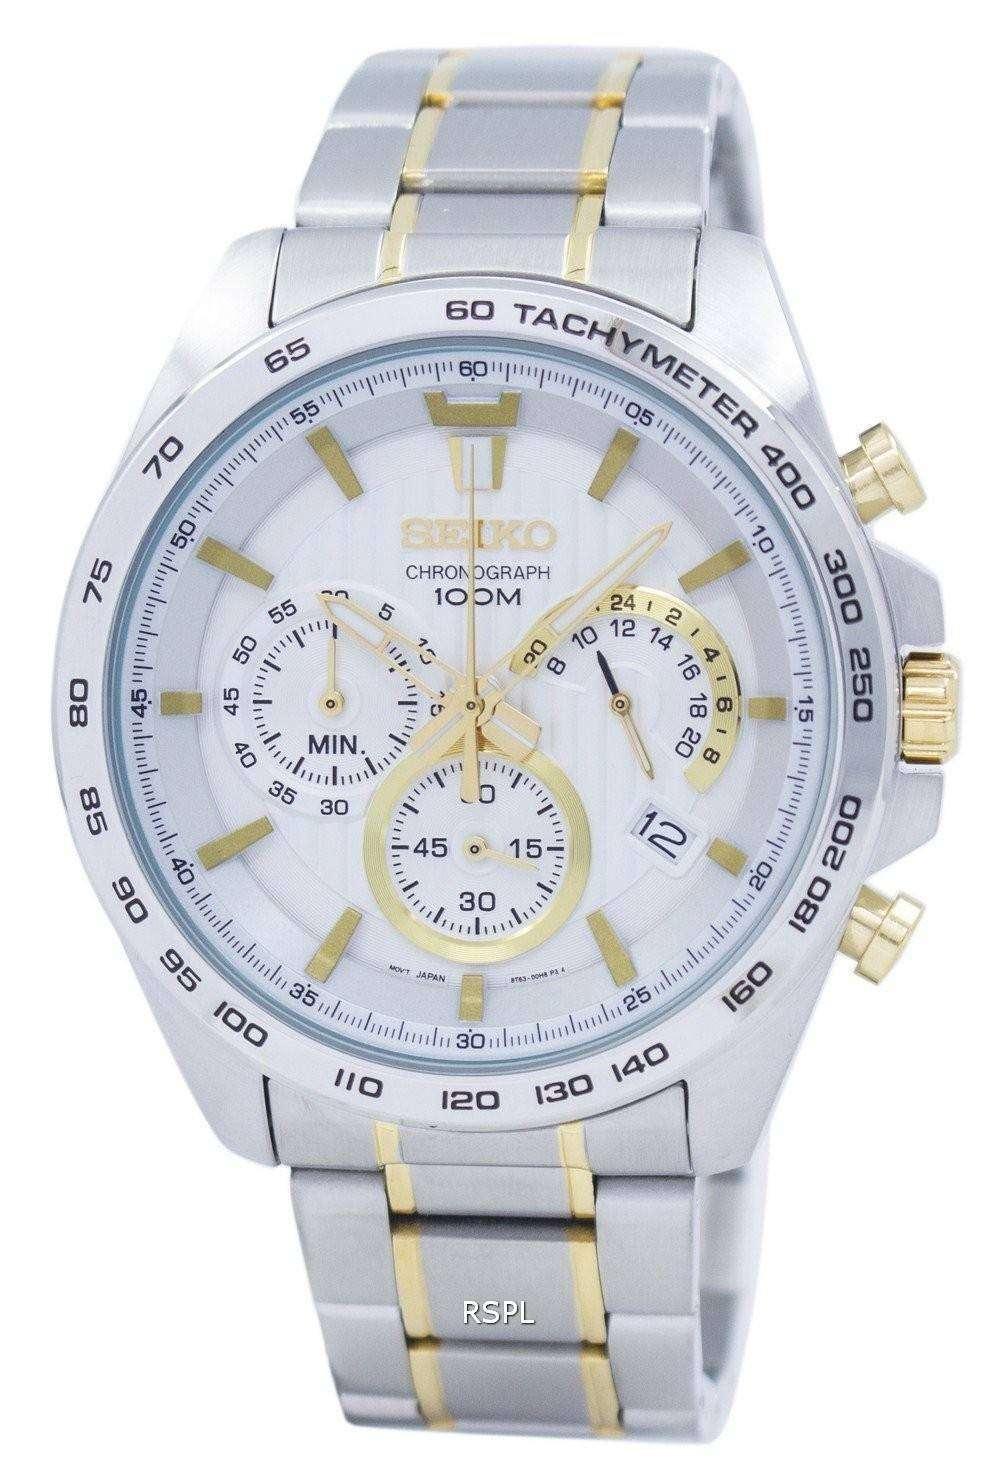 on sale 63e5e 8d3d4 Seiko Chronograph Quartz Tachymeter SSB309 SSB309P1 SSB309P Men's Watch